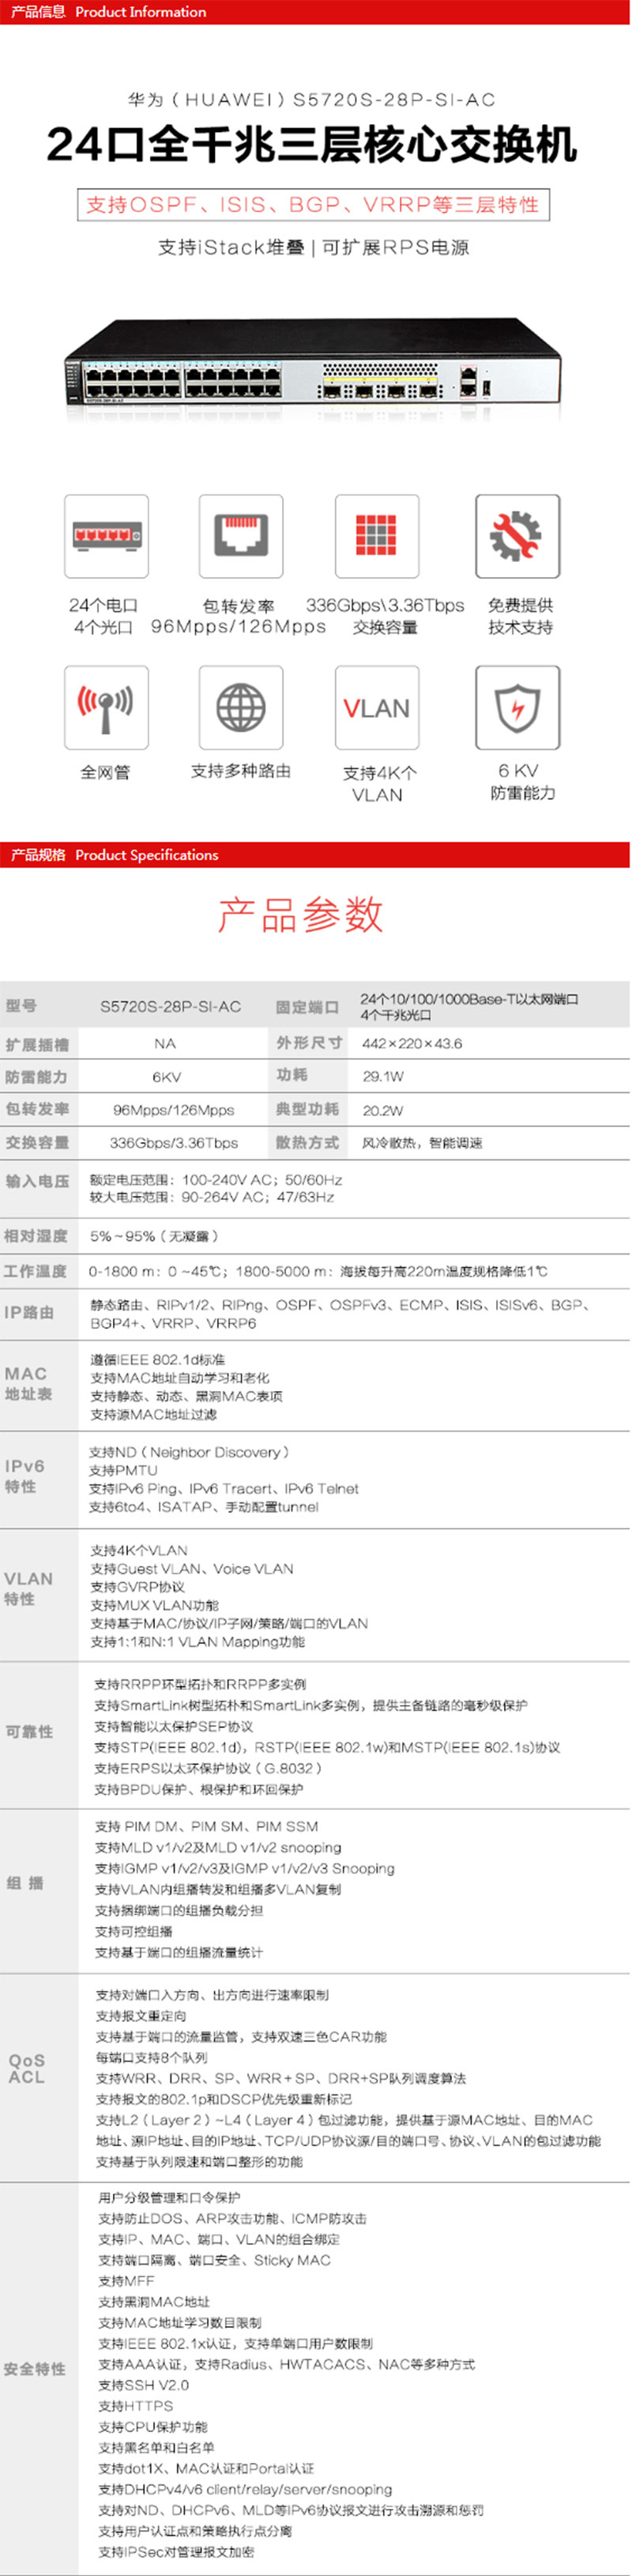 华为(HUAWEI)S5720S-28P-SI-AC